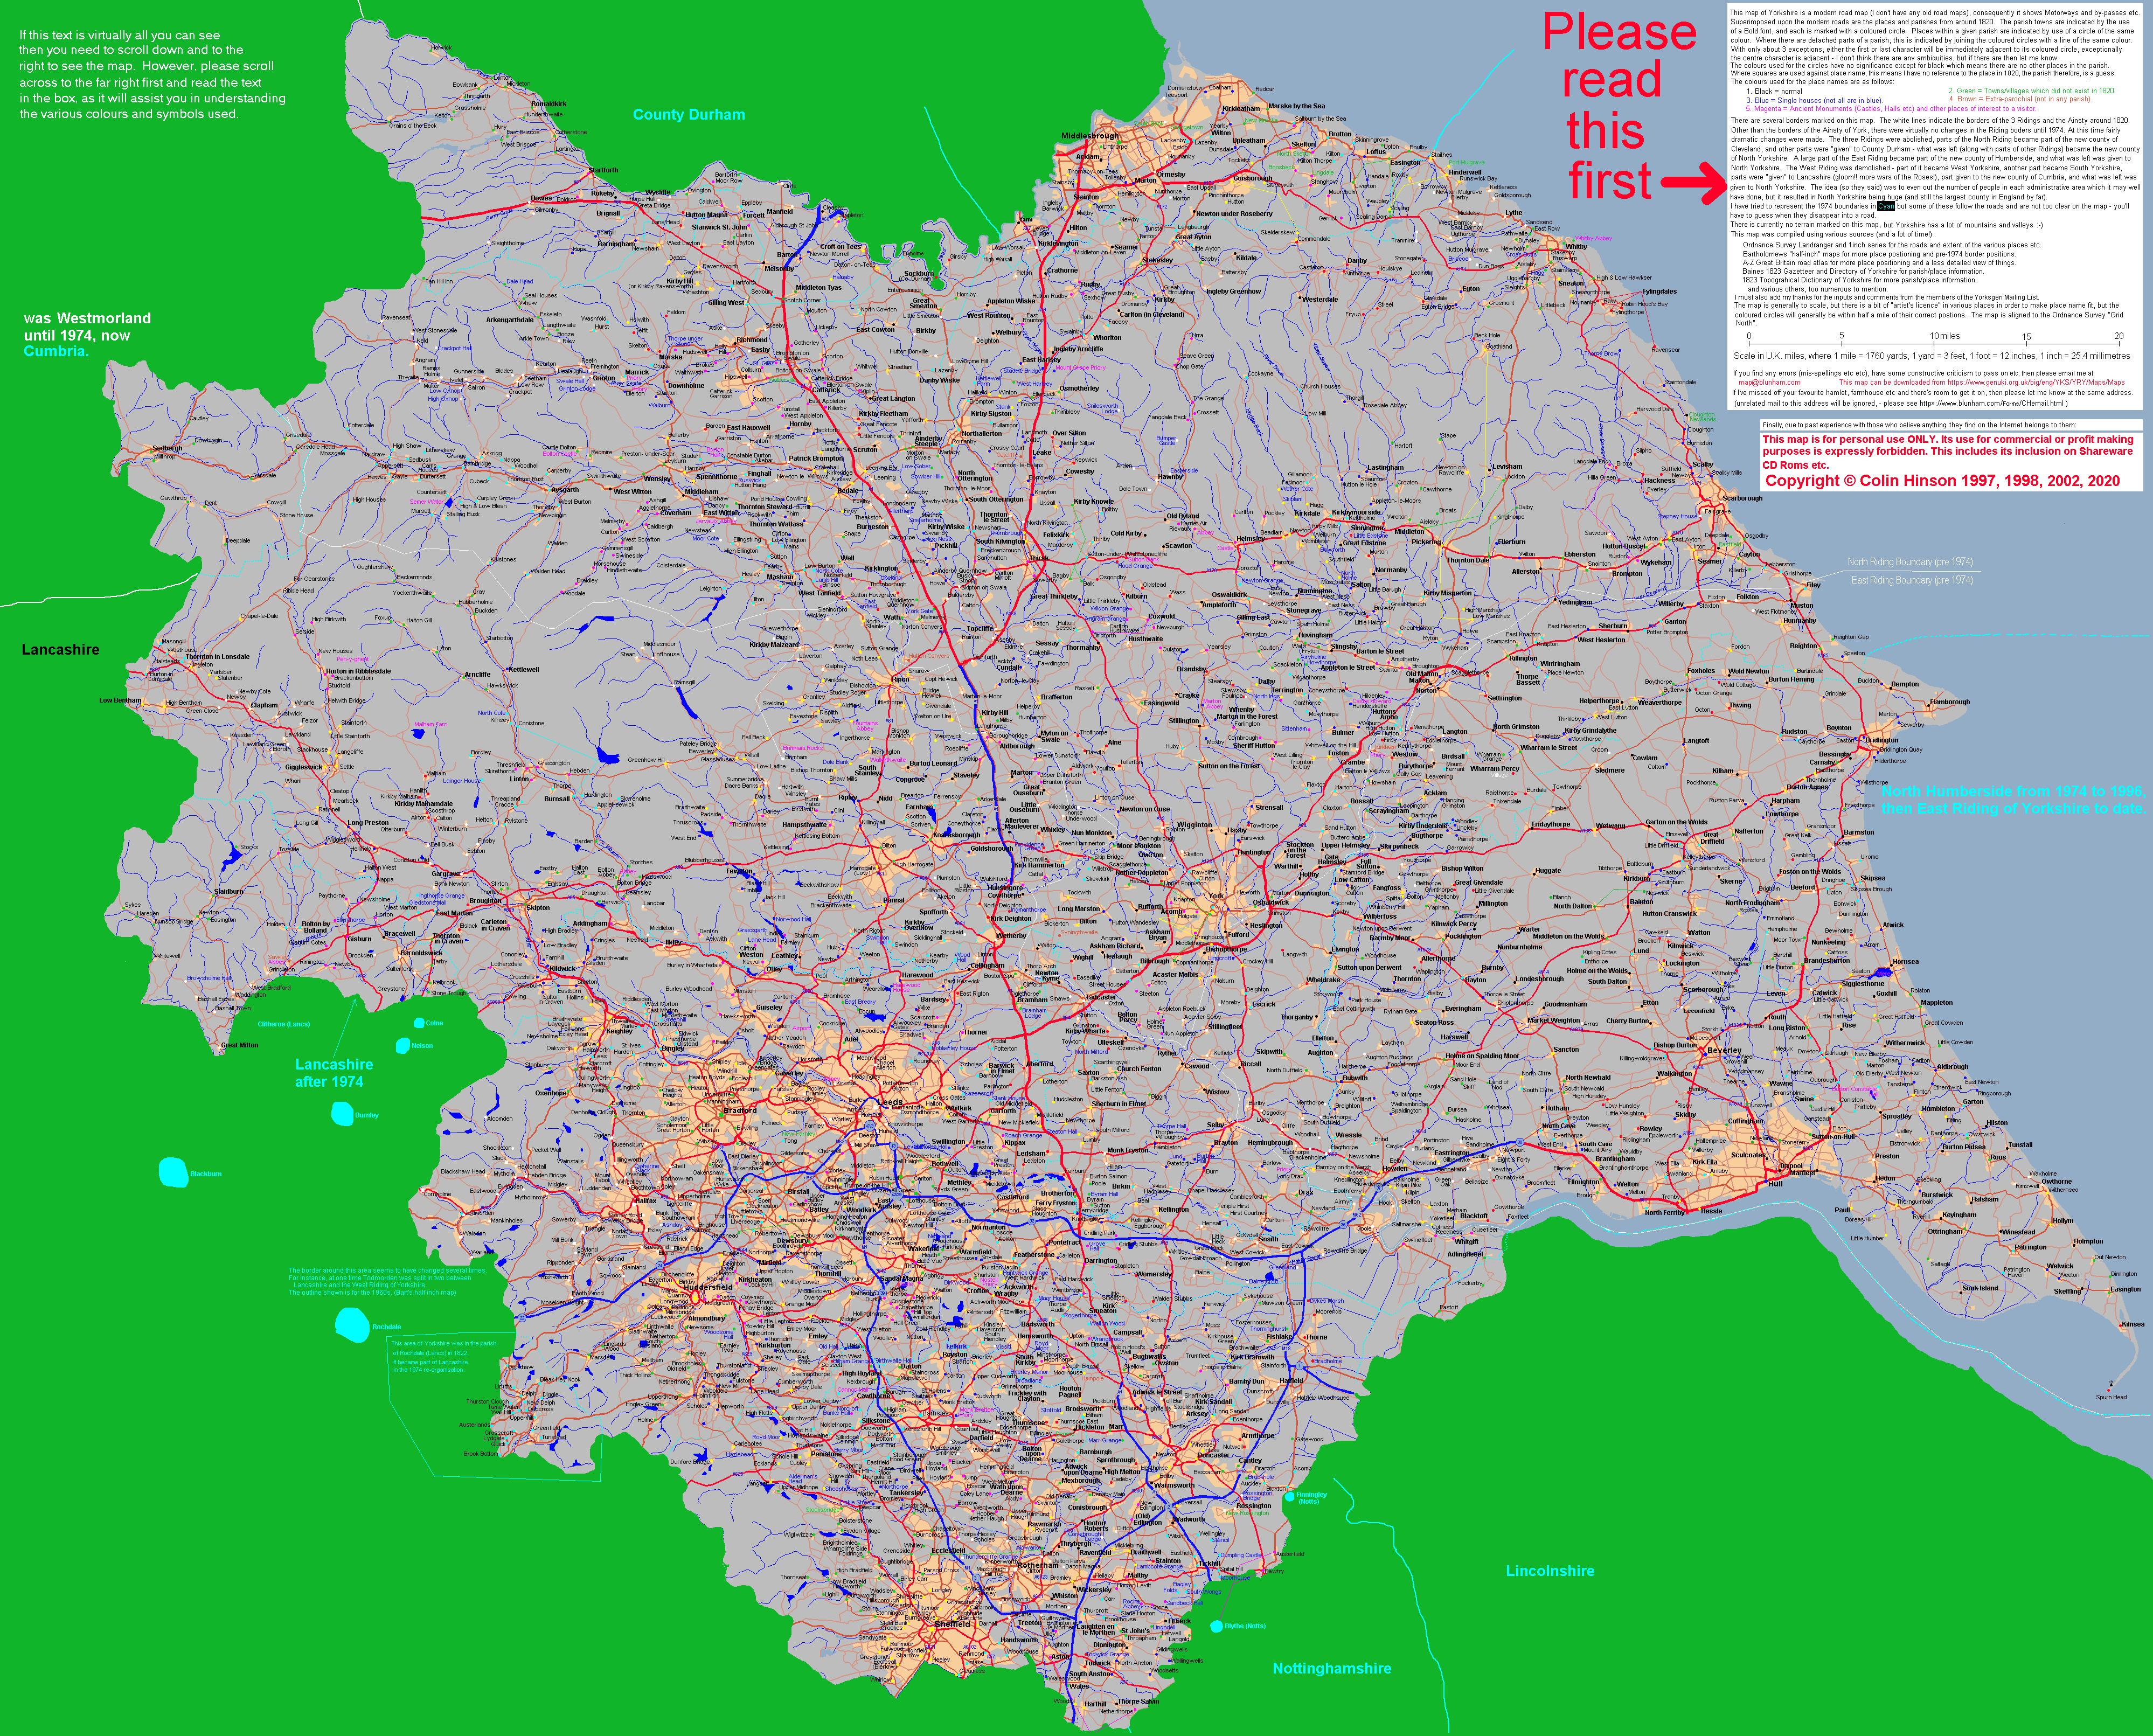 GENUKI: Maps of Yorkshire